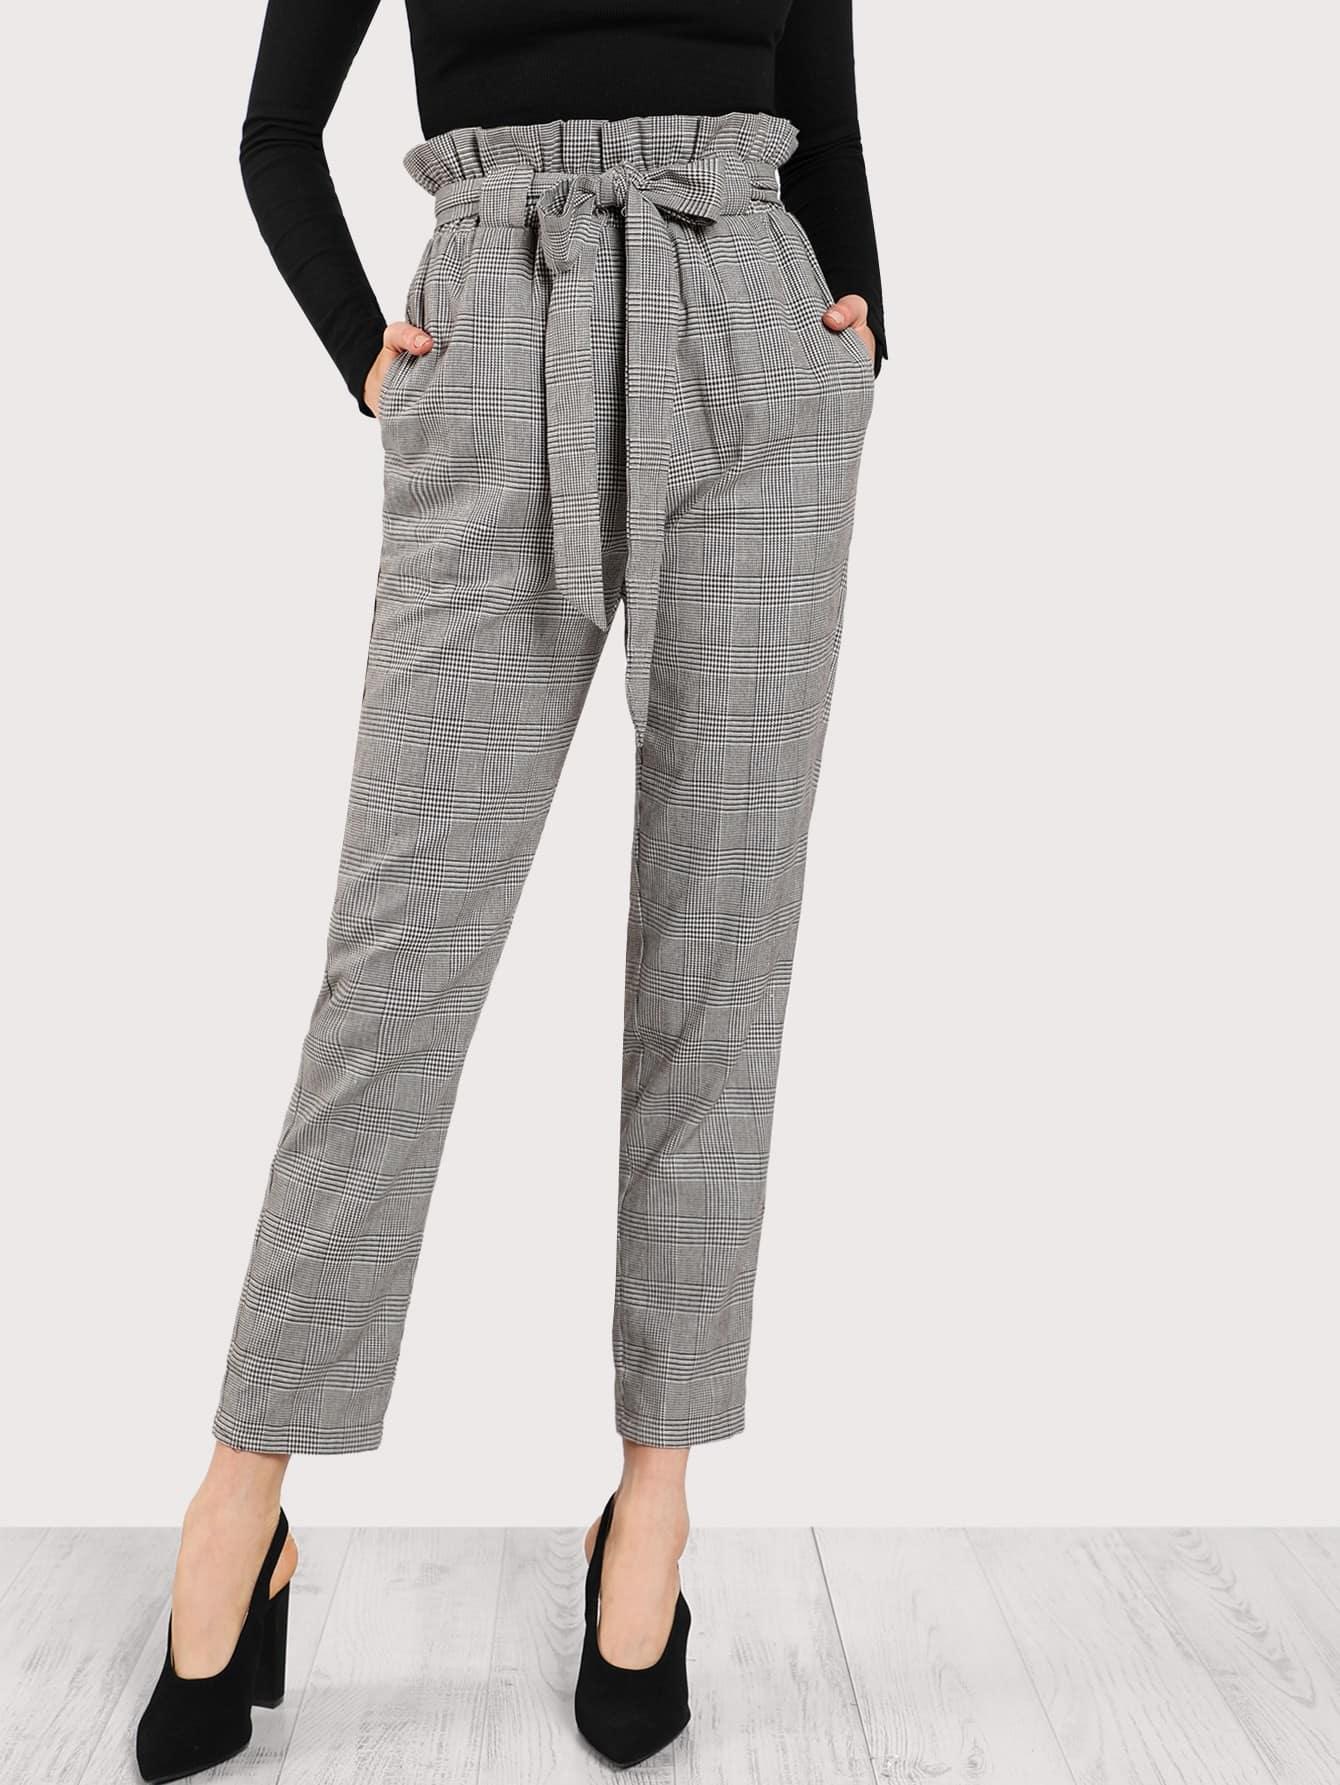 Frilled Tie Waist Plaid Pants dark grey tie waist sports pants